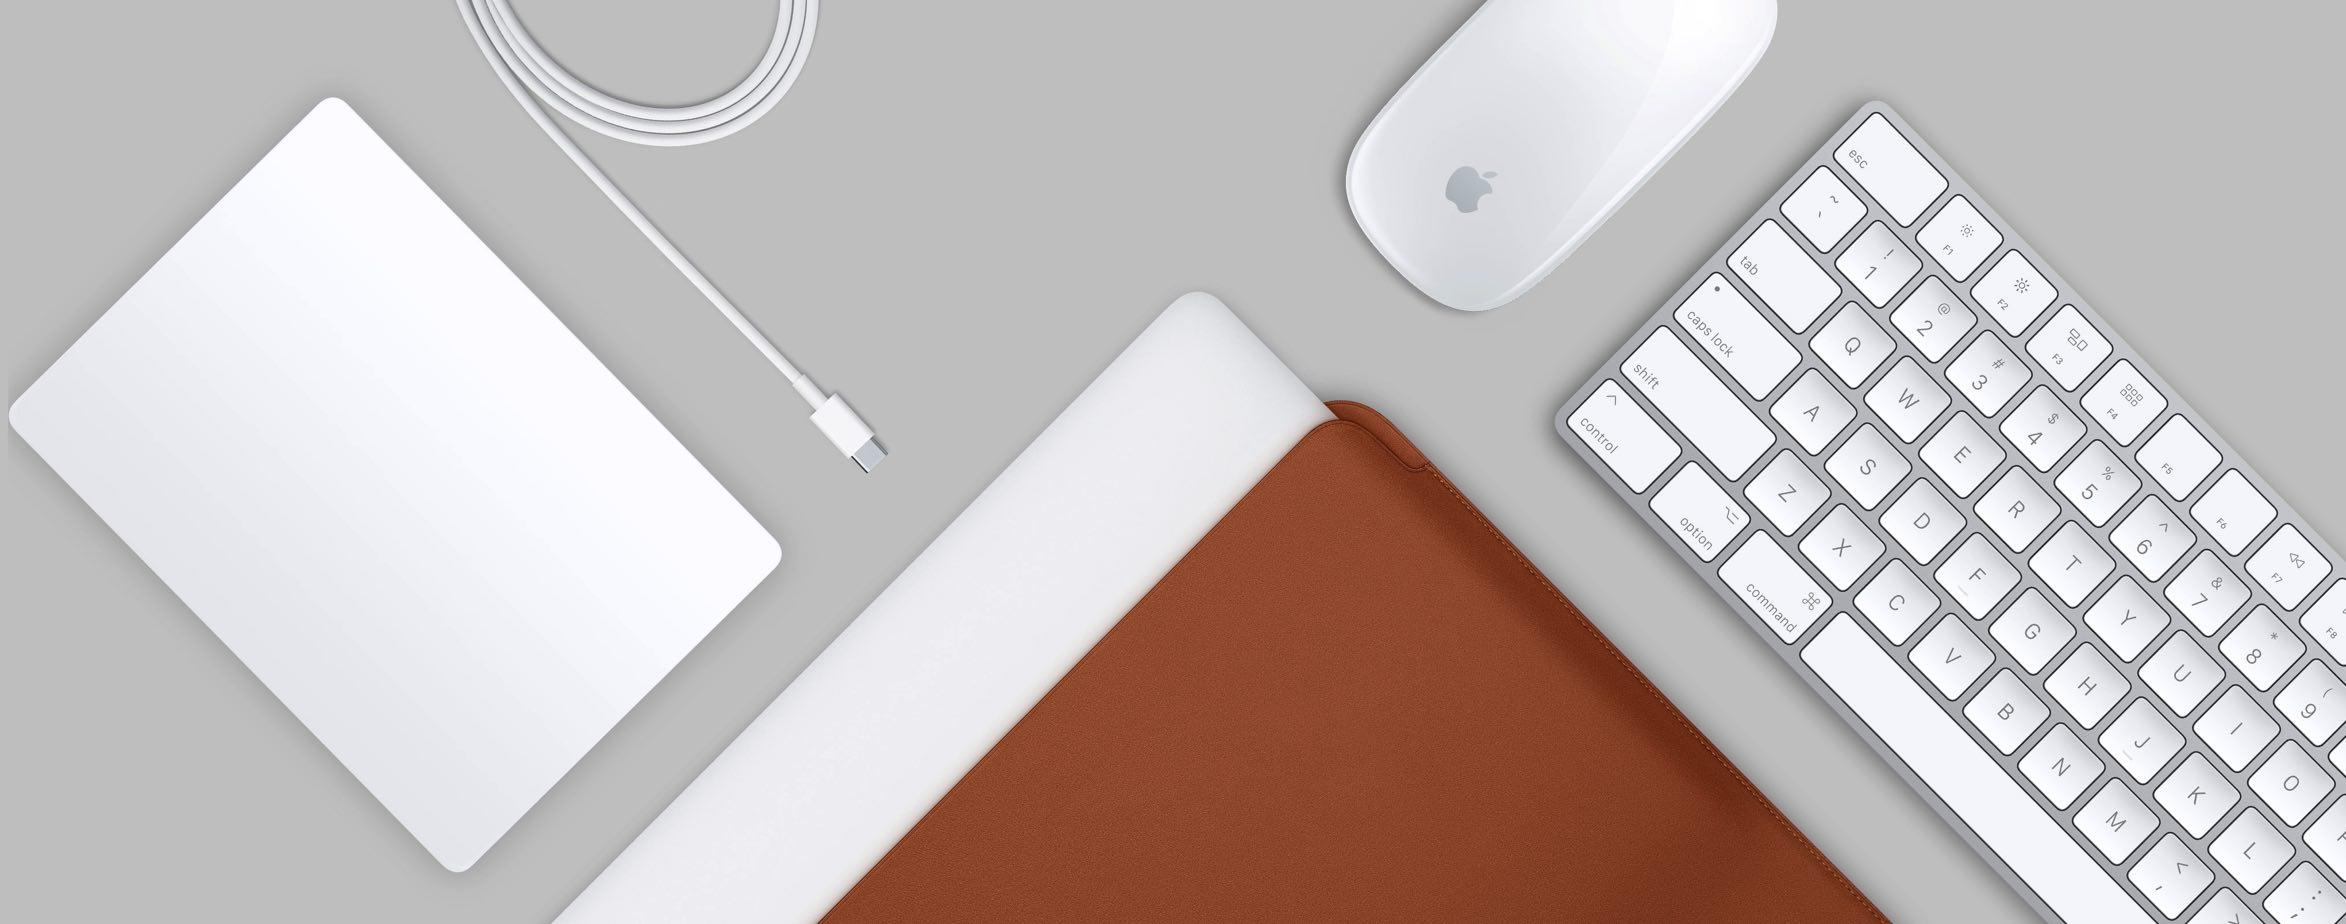 Mac accessoires